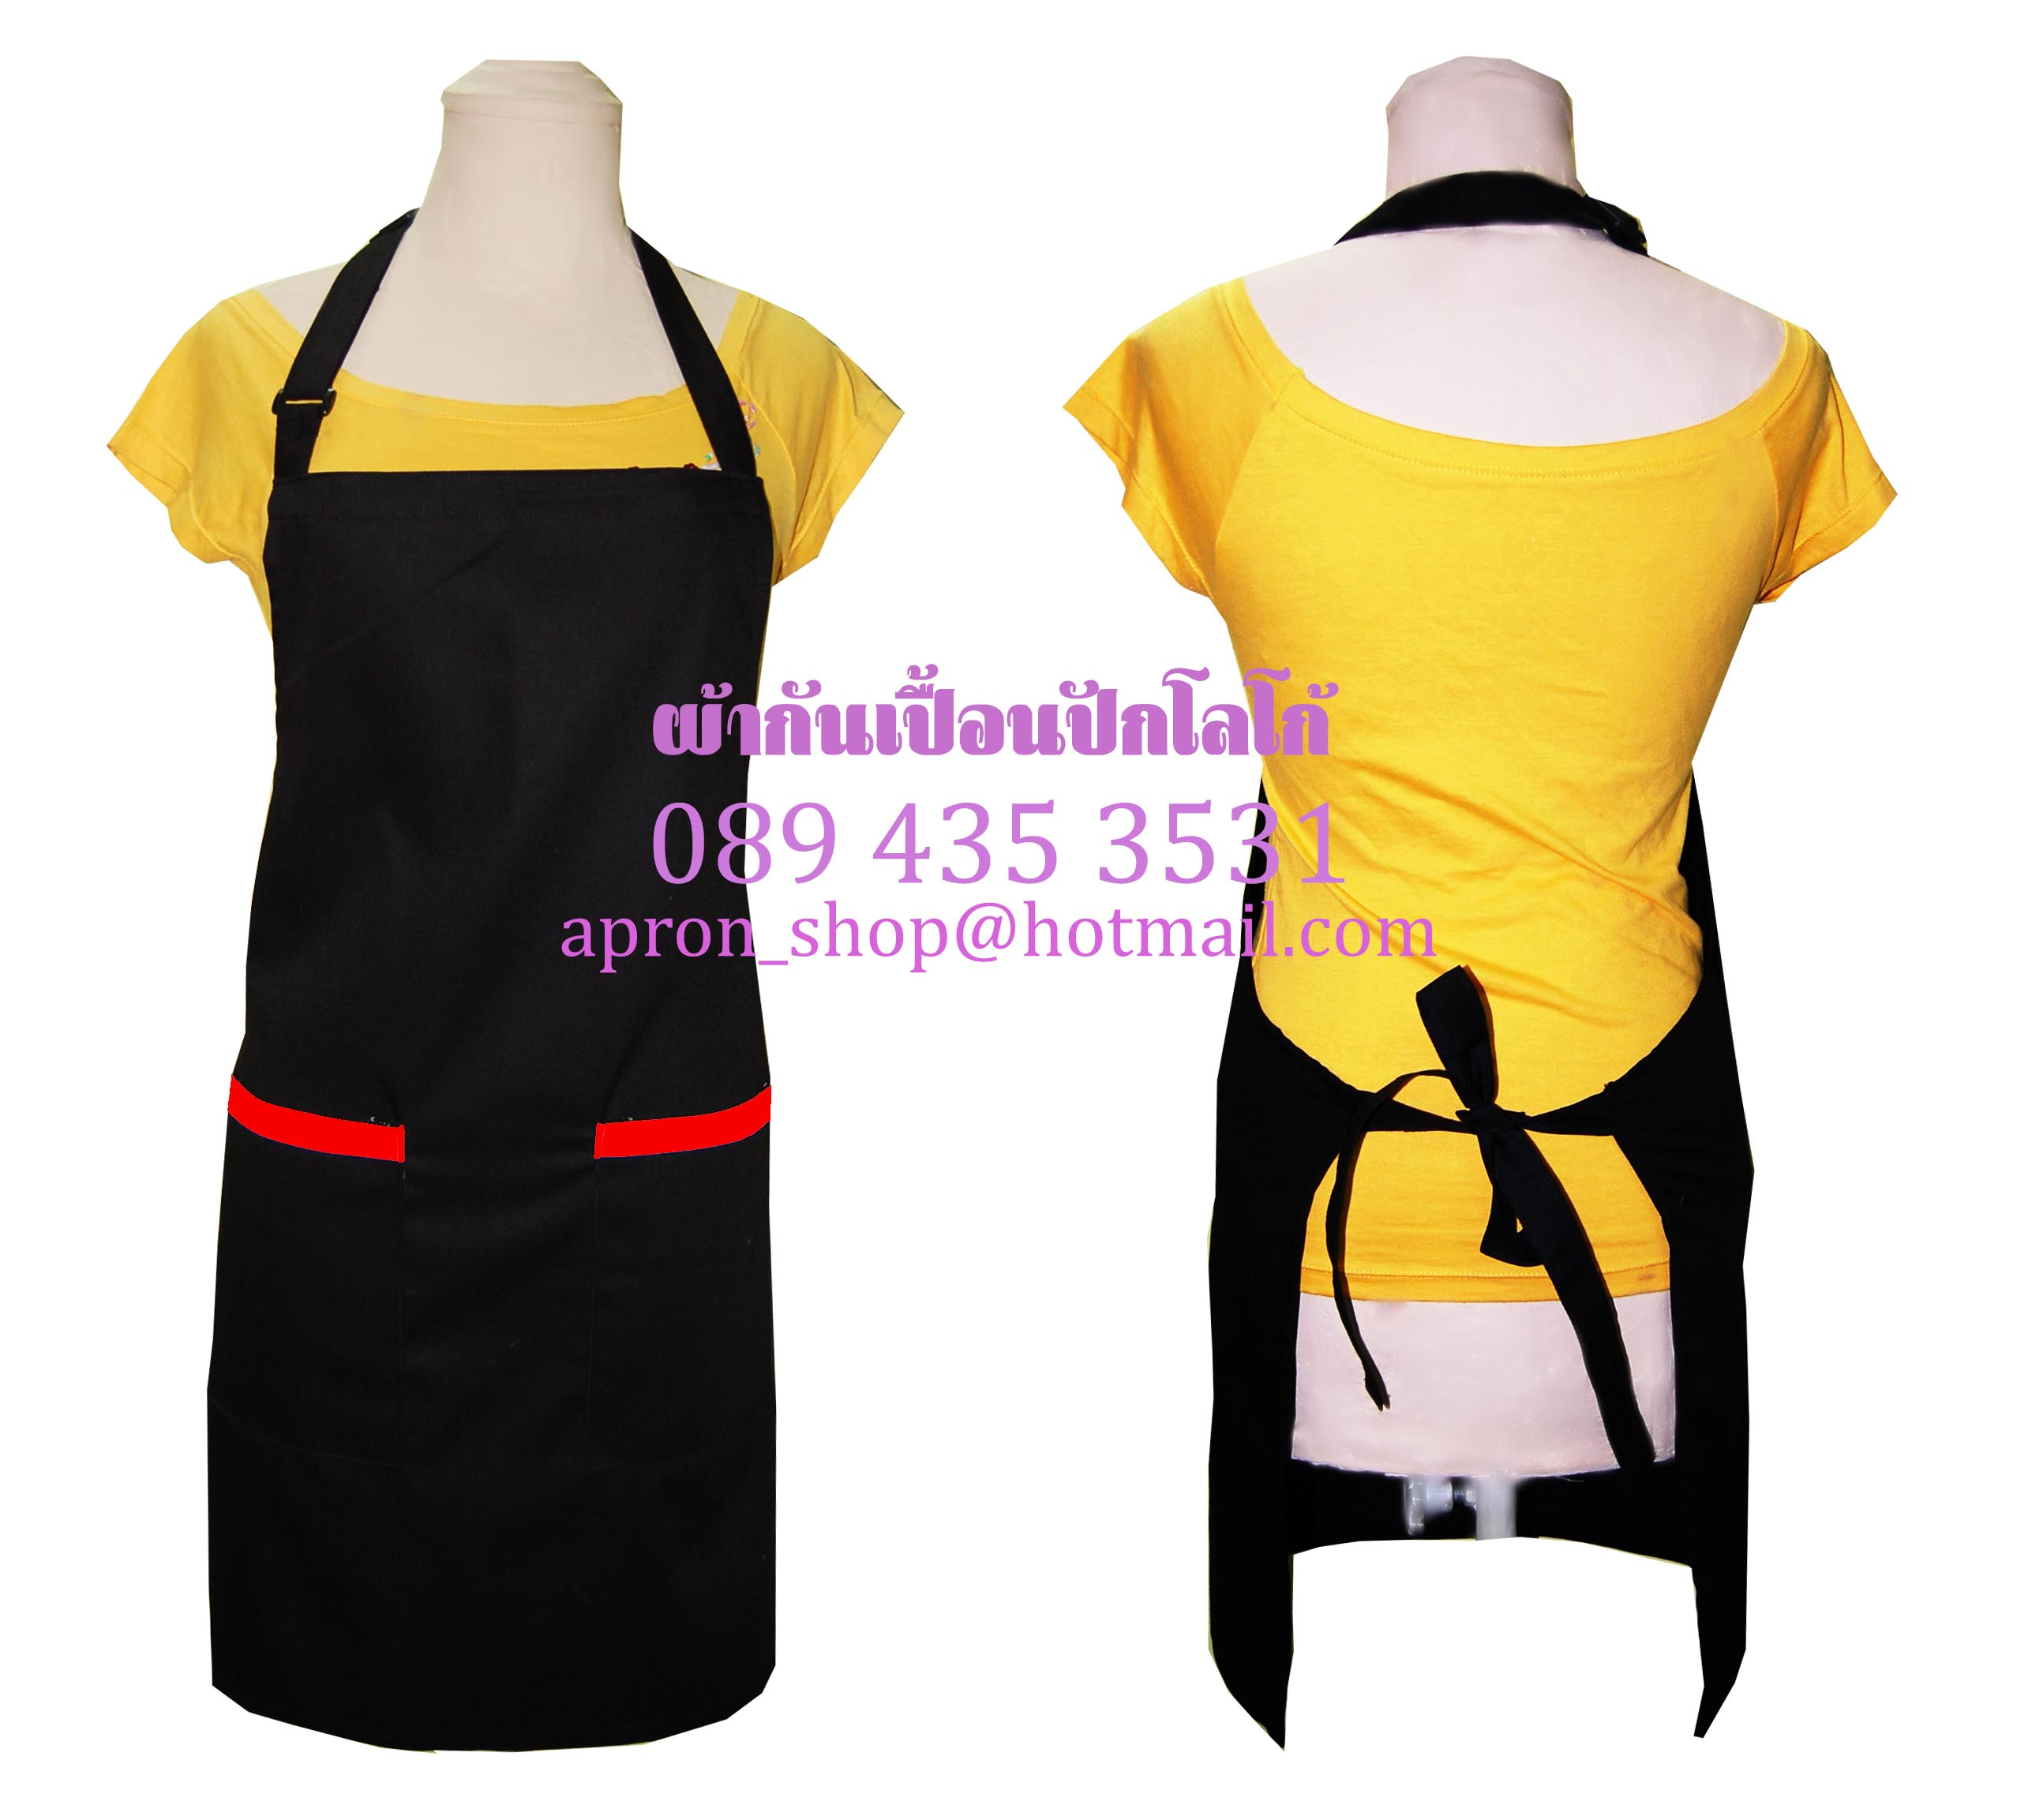 ผ้ากันเปื้อนเต็มตัว กระเป๋าเล็ก2ใบ สีดำแต่งขอบกระเป๋าสีแดง